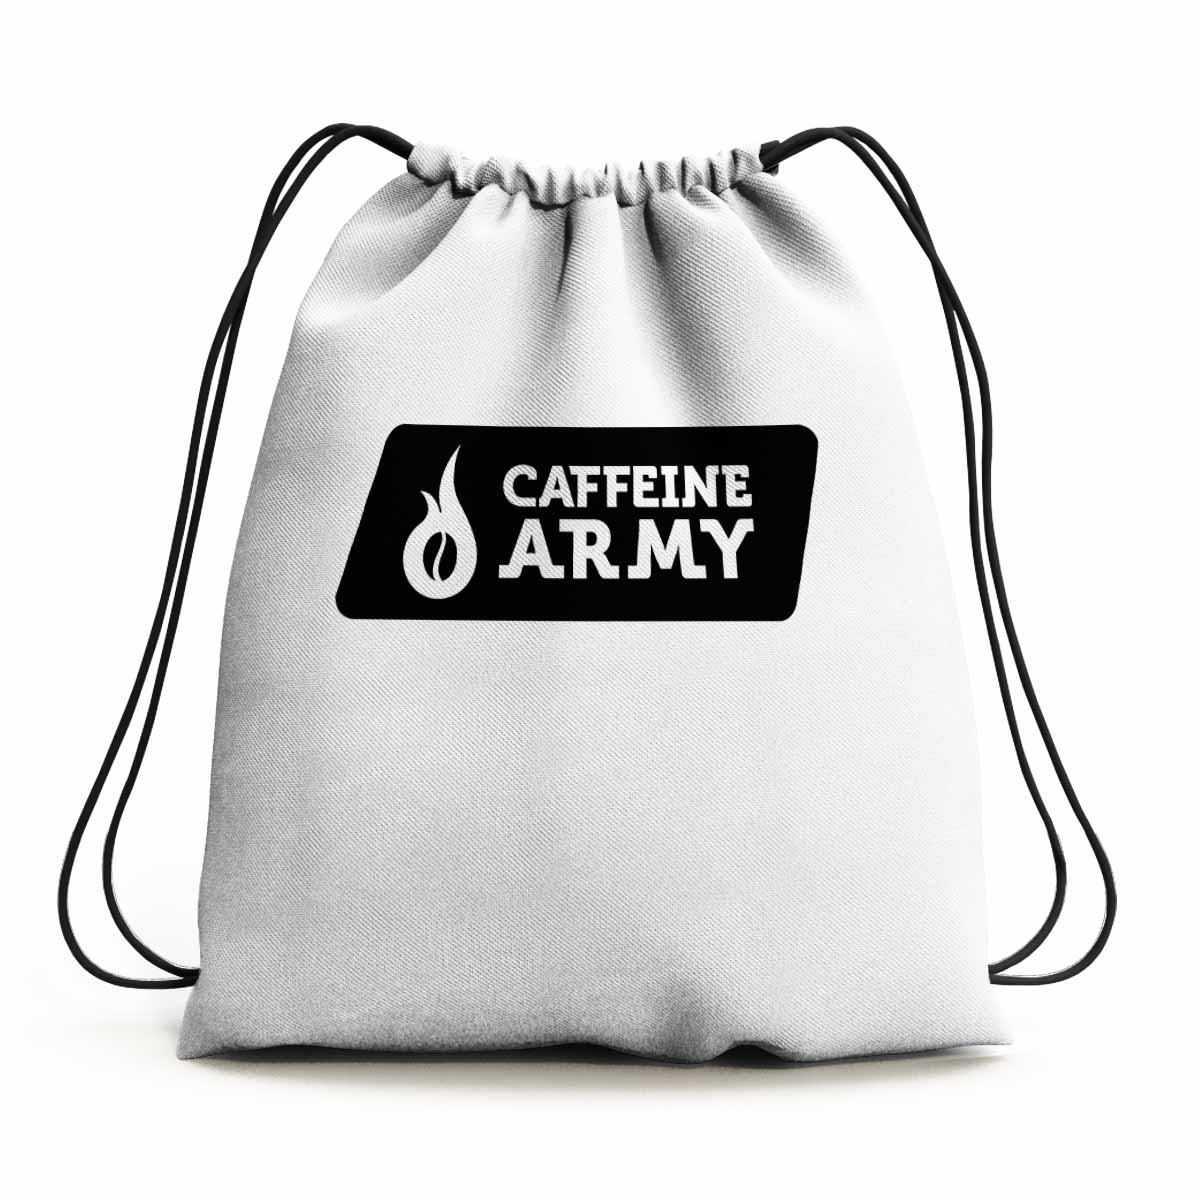 Mochila Impermeável Esportiva Oficial - Caffeine Army